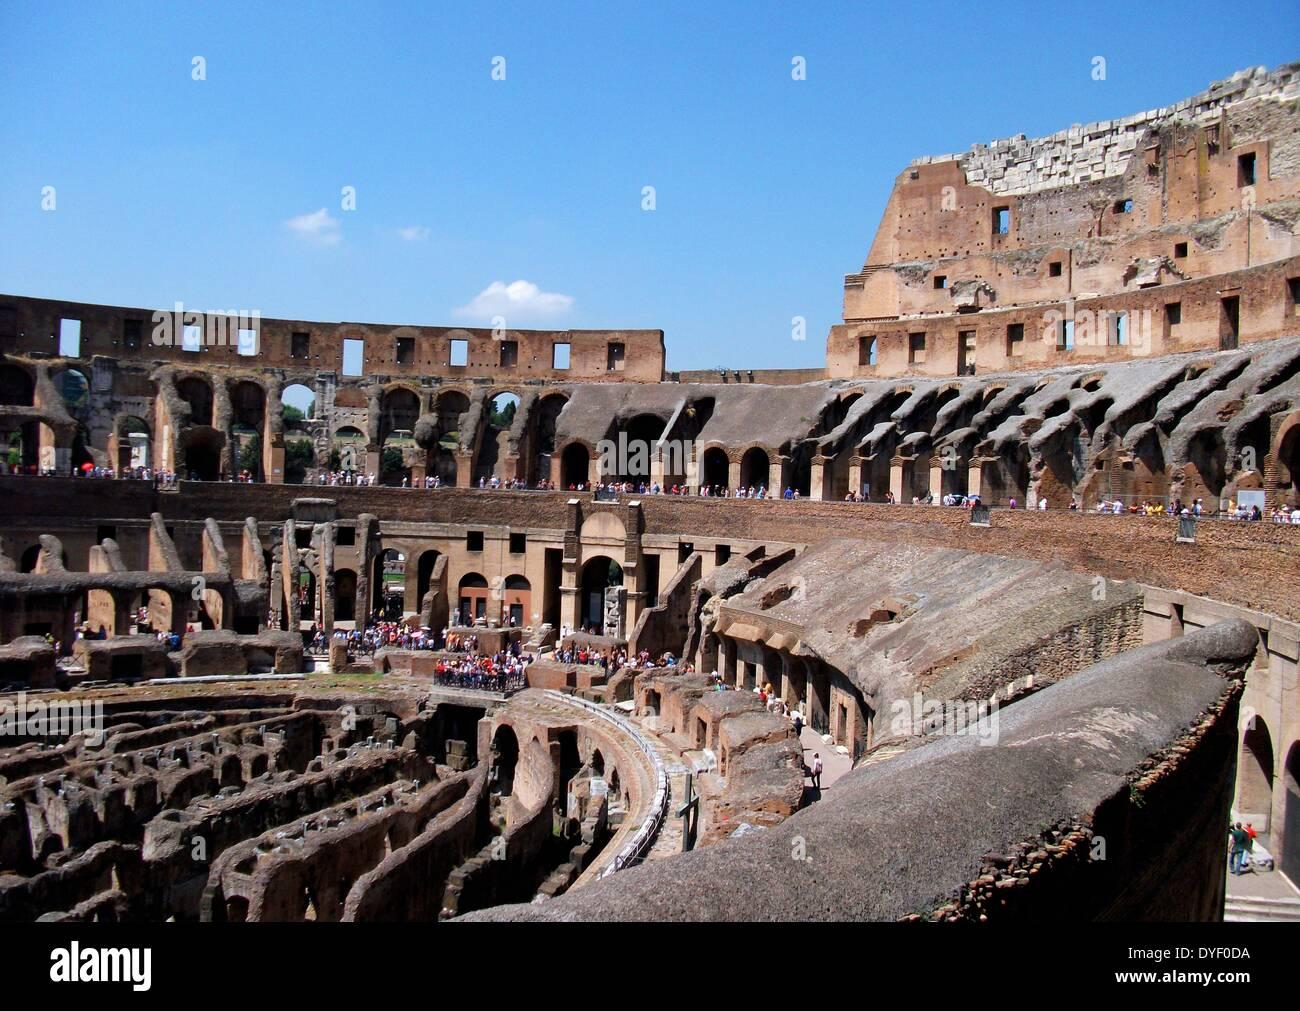 Détail du Colisée romain à Rome, Italie. Photo Stock